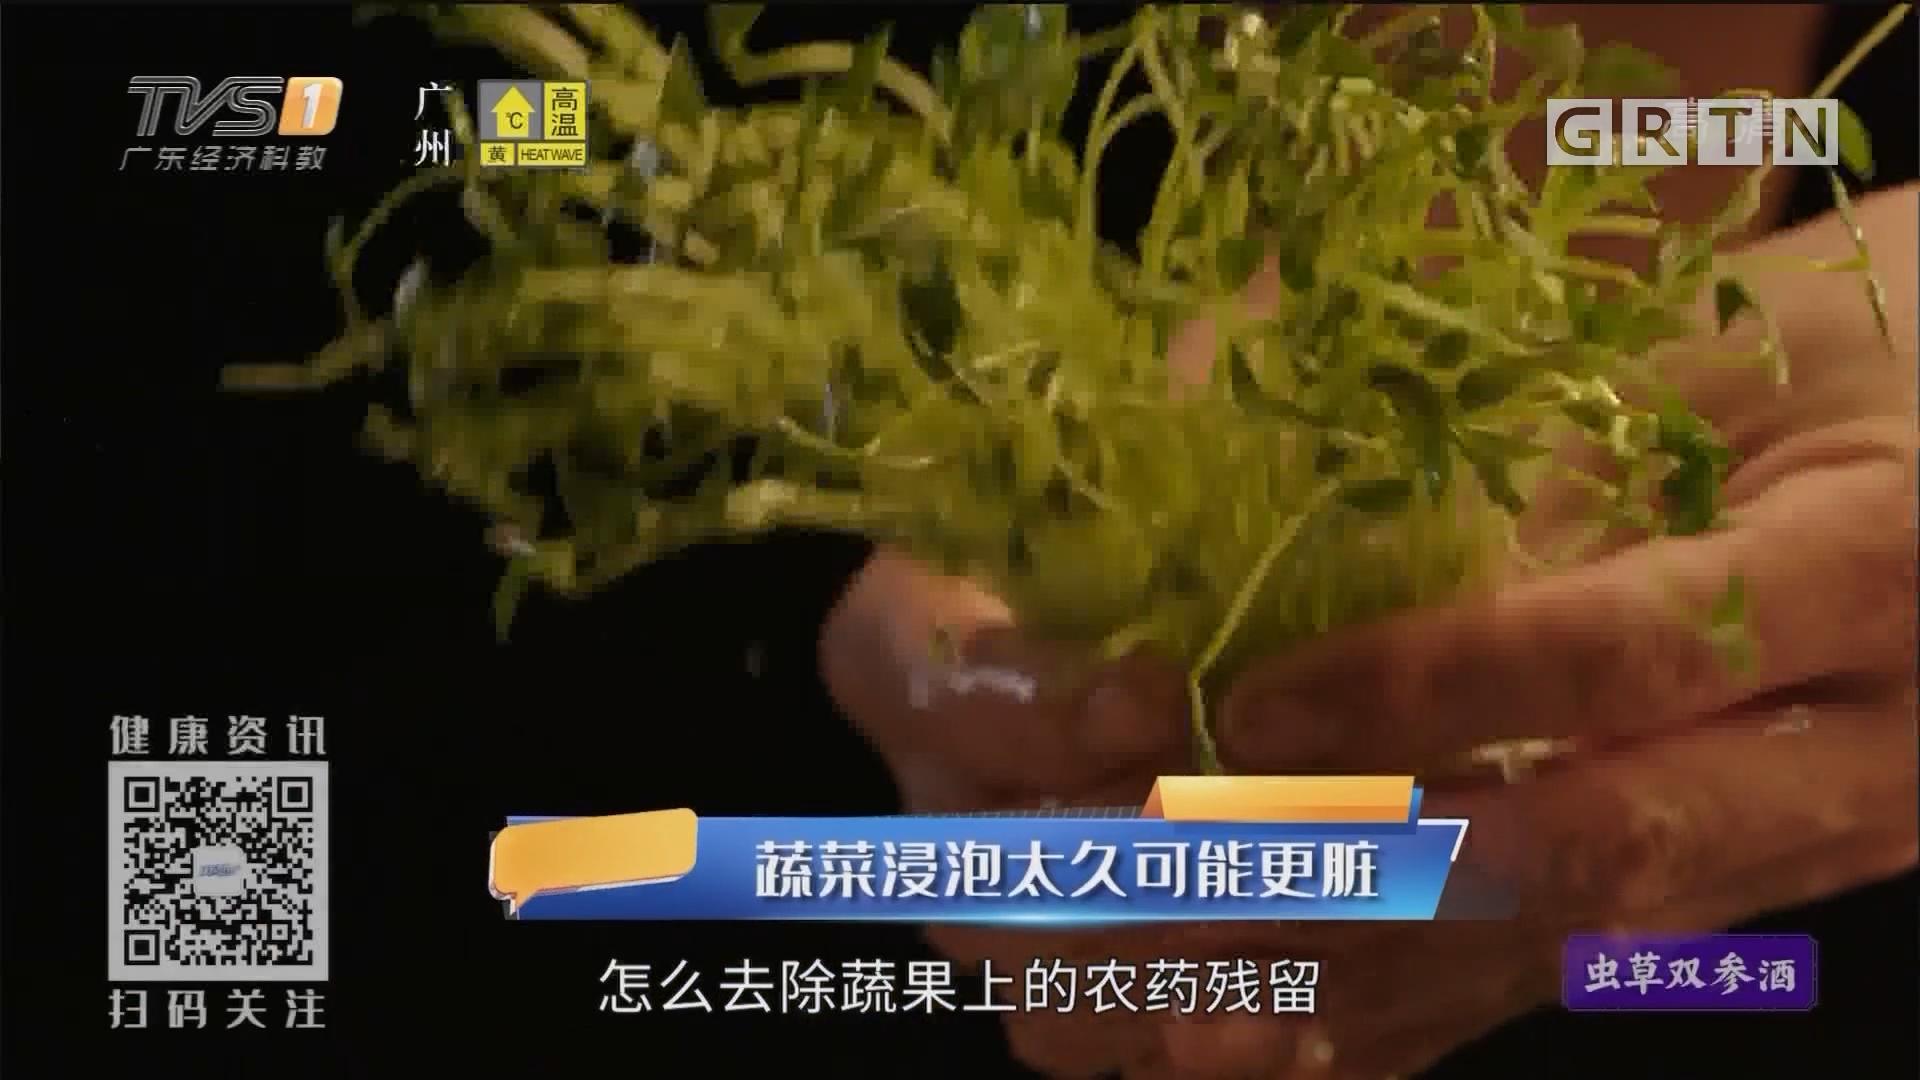 [HD][2019-08-07]经视健康+:蔬菜浸泡太久可能更脏